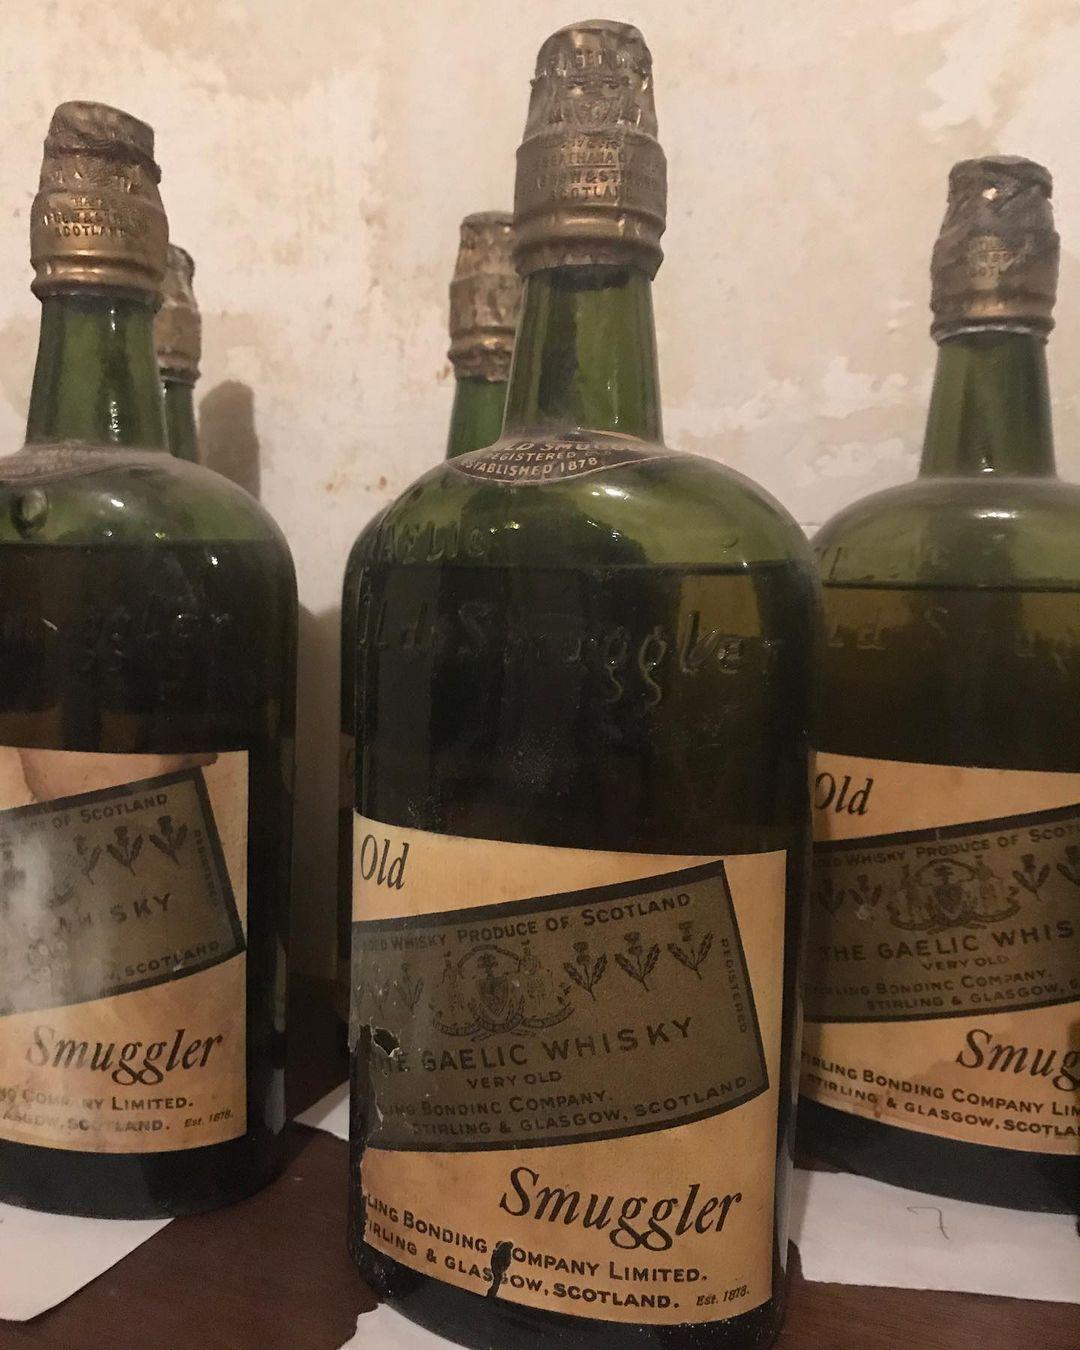 搬老屋驚見奇怪包裹 挖出66瓶「價值百萬」:來自「不准喝酒」時期!